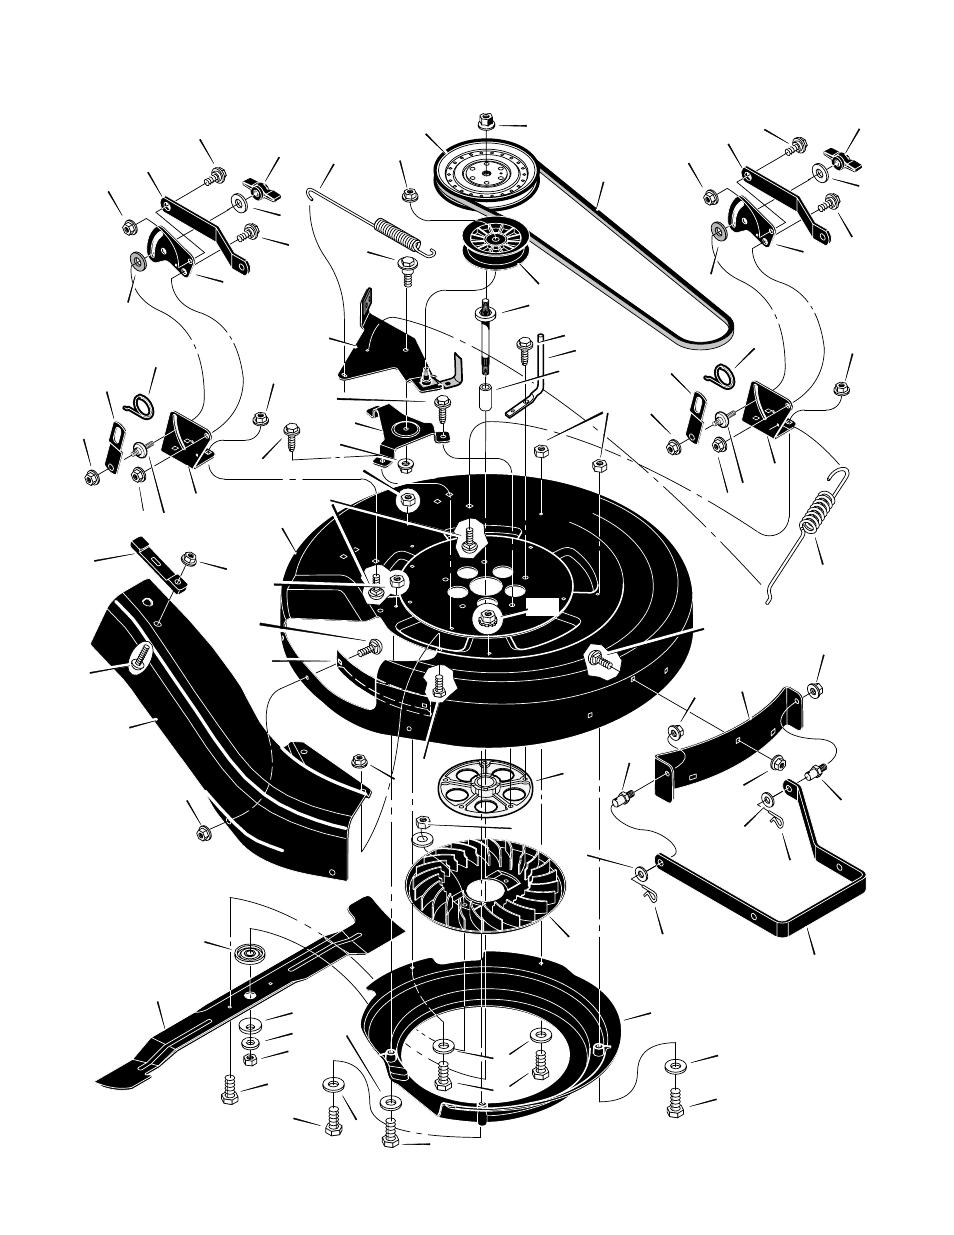 Repair Parts Code131b  Mower Housing